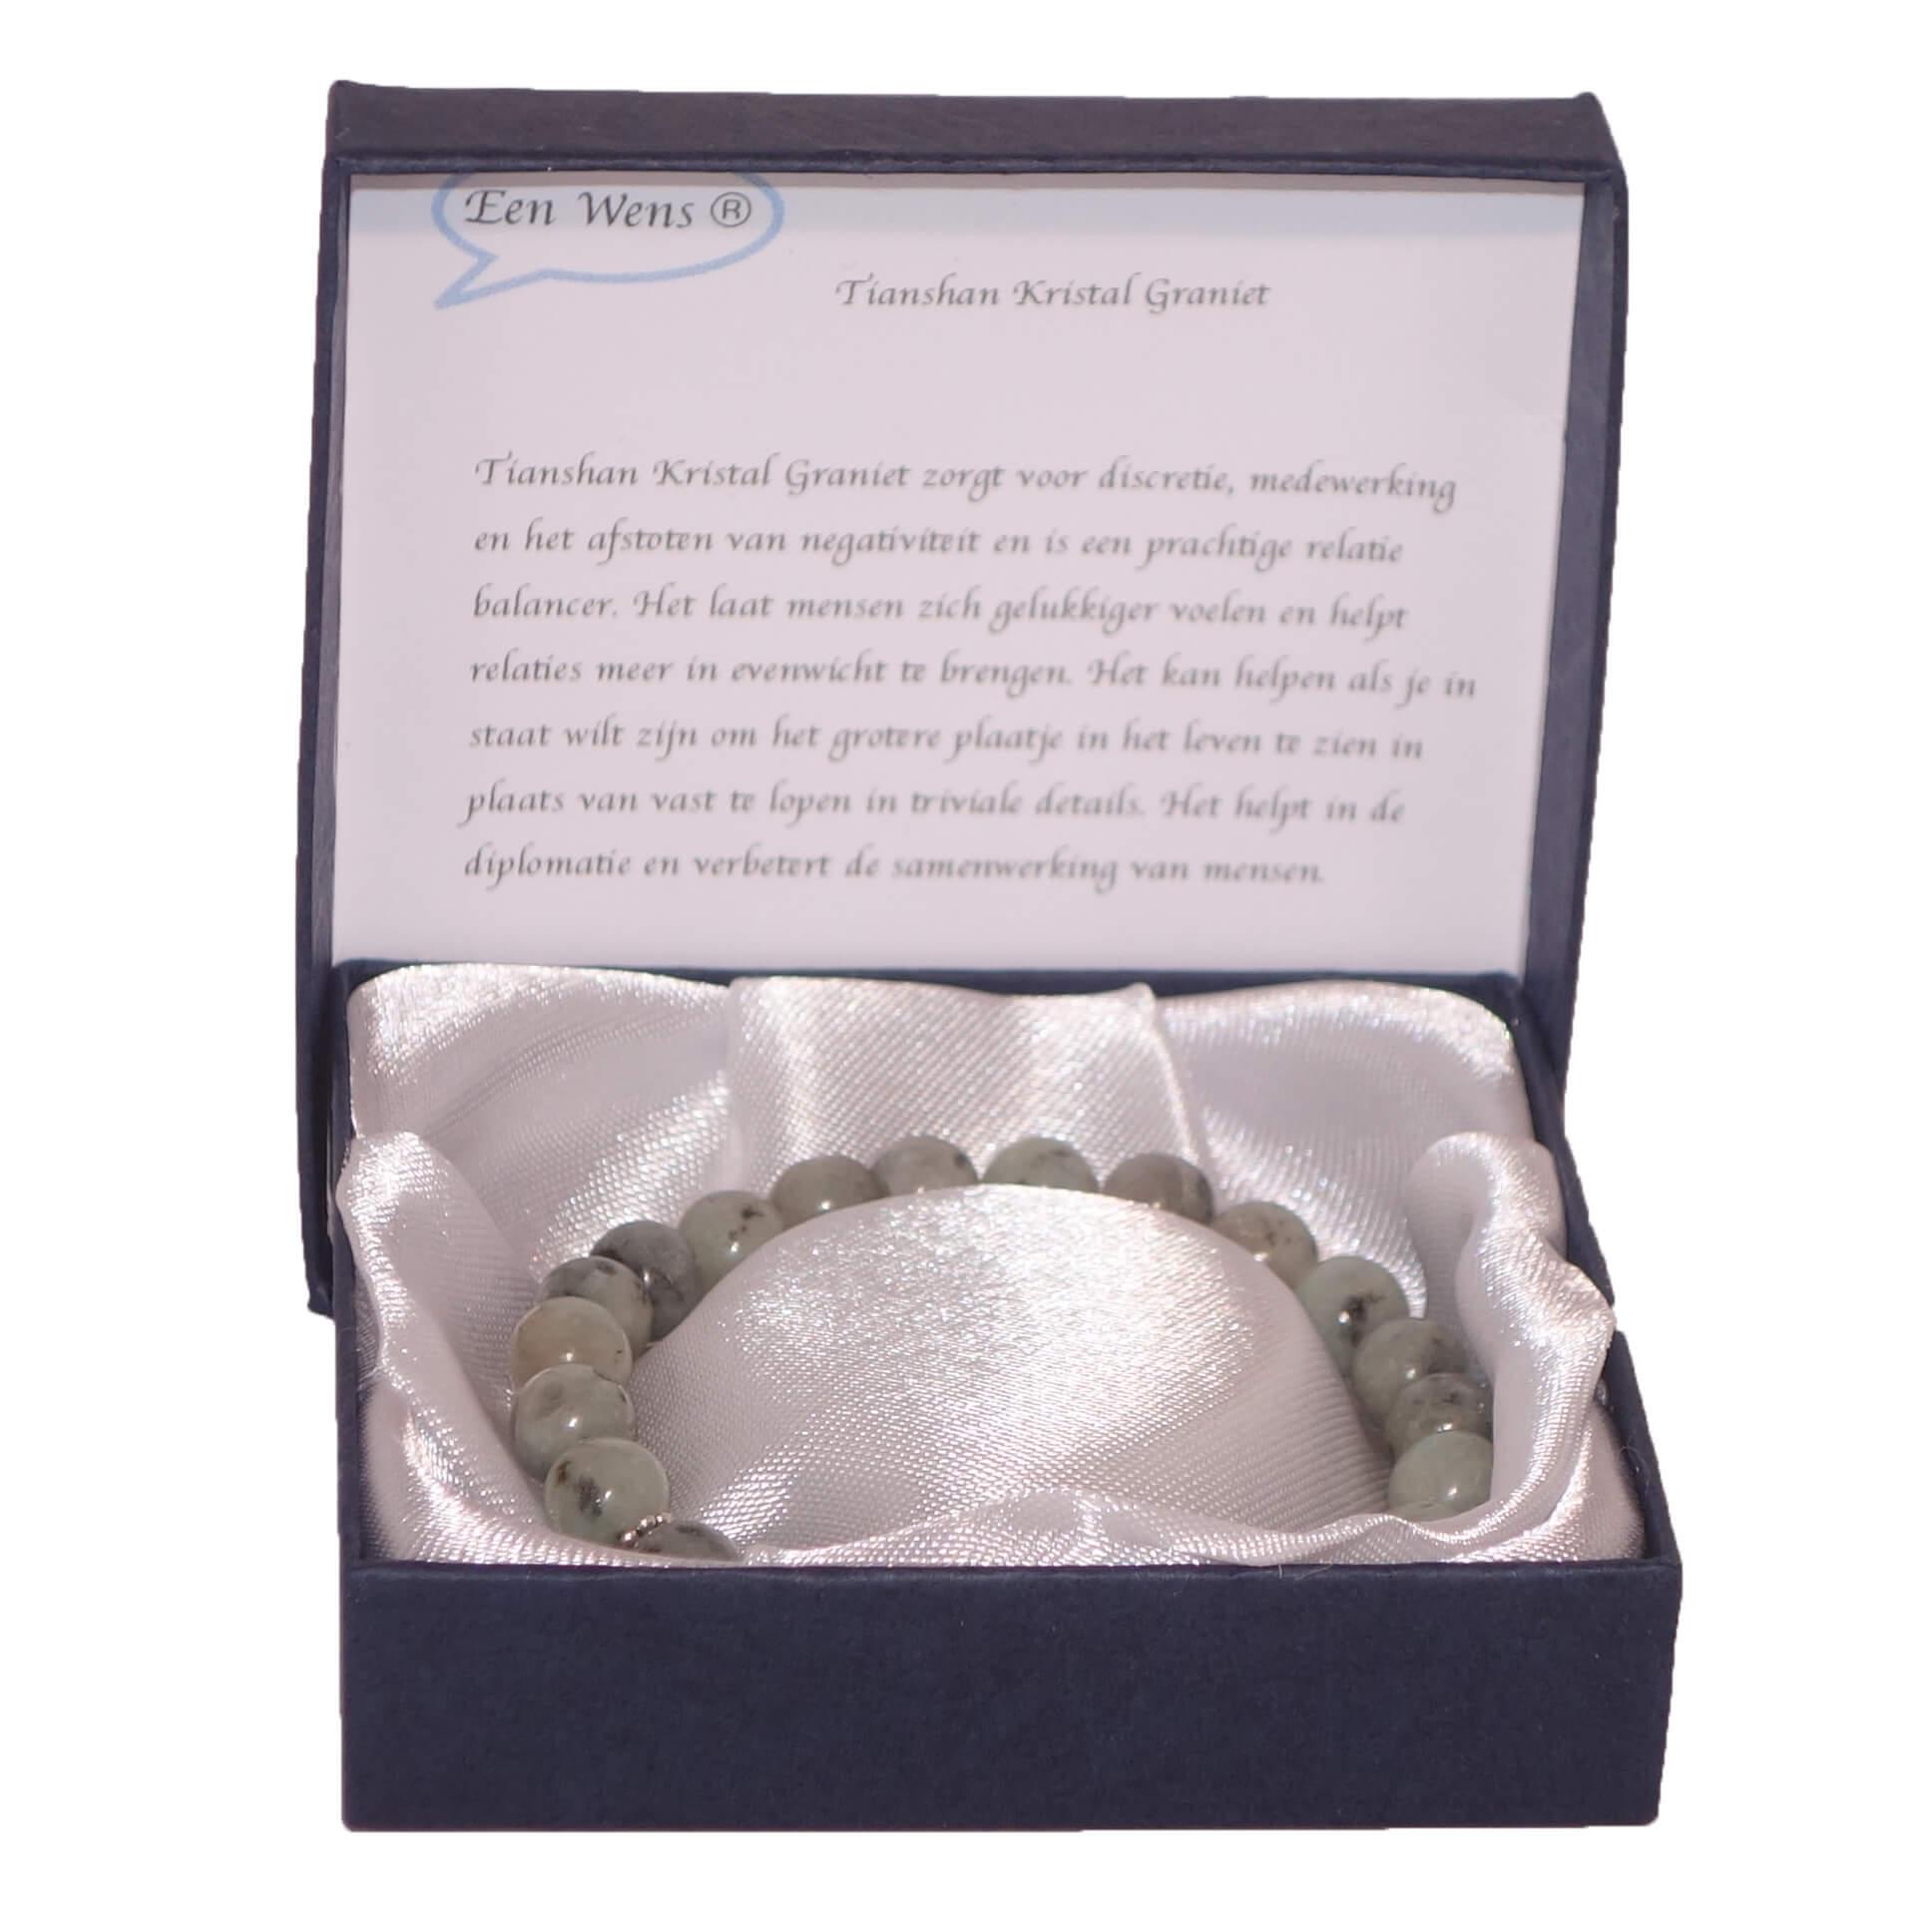 Halfedelstenen Armband in Geschenkdoos Tianshan Kristal Graniet-0